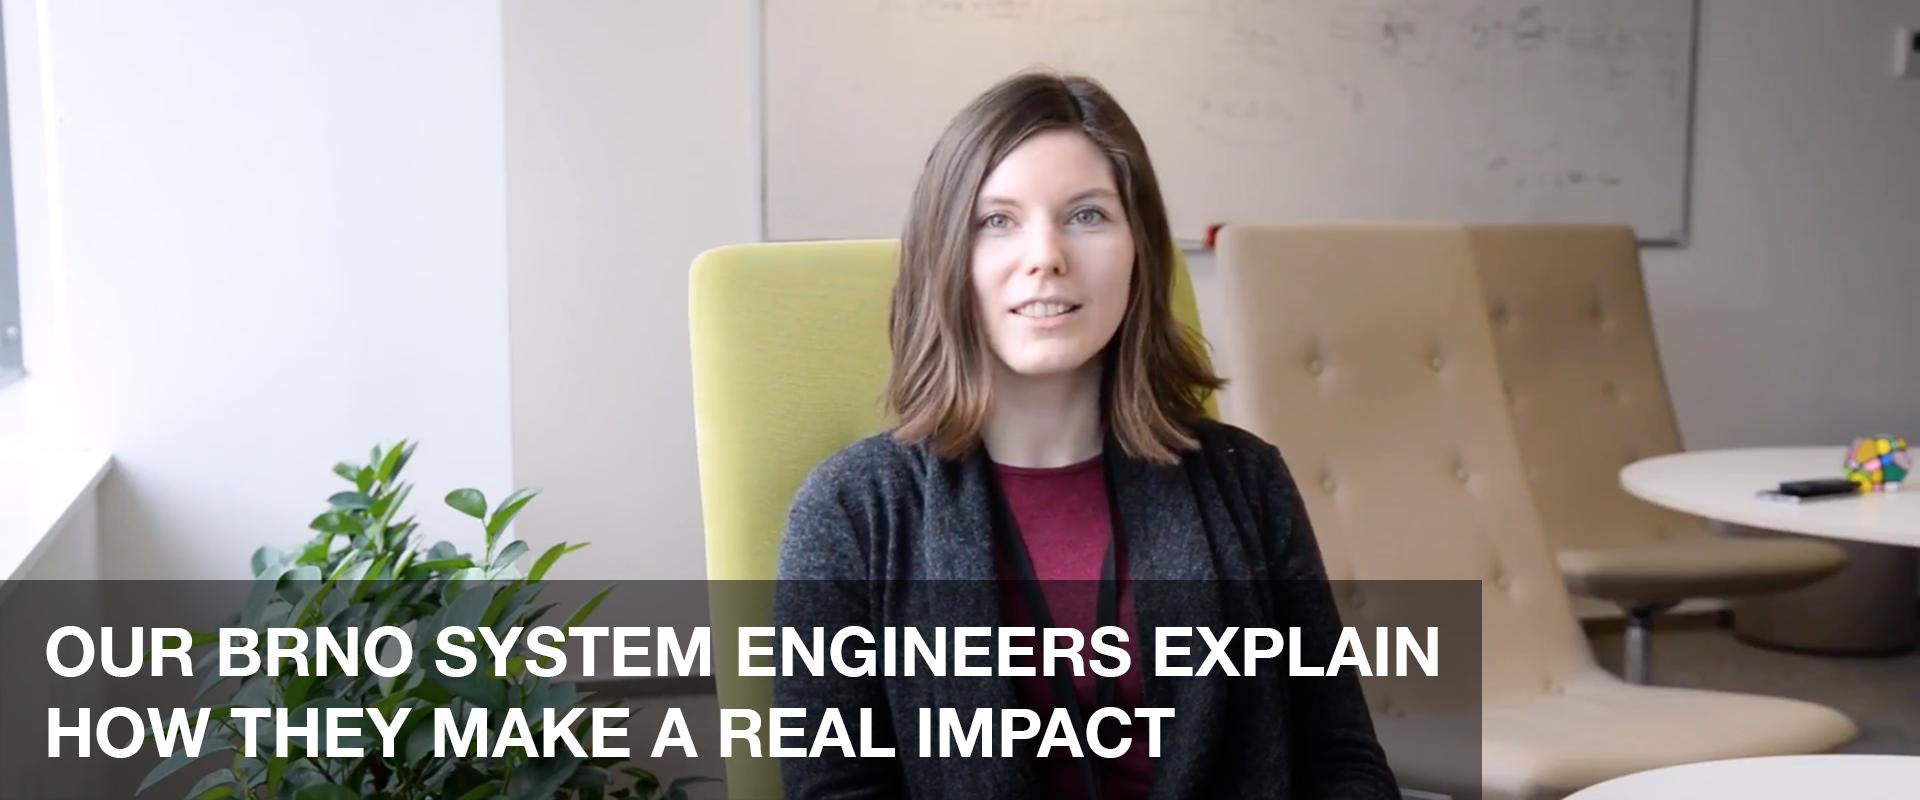 我们的BRNO系统工程师讲述了他们如何创造真正的影响力